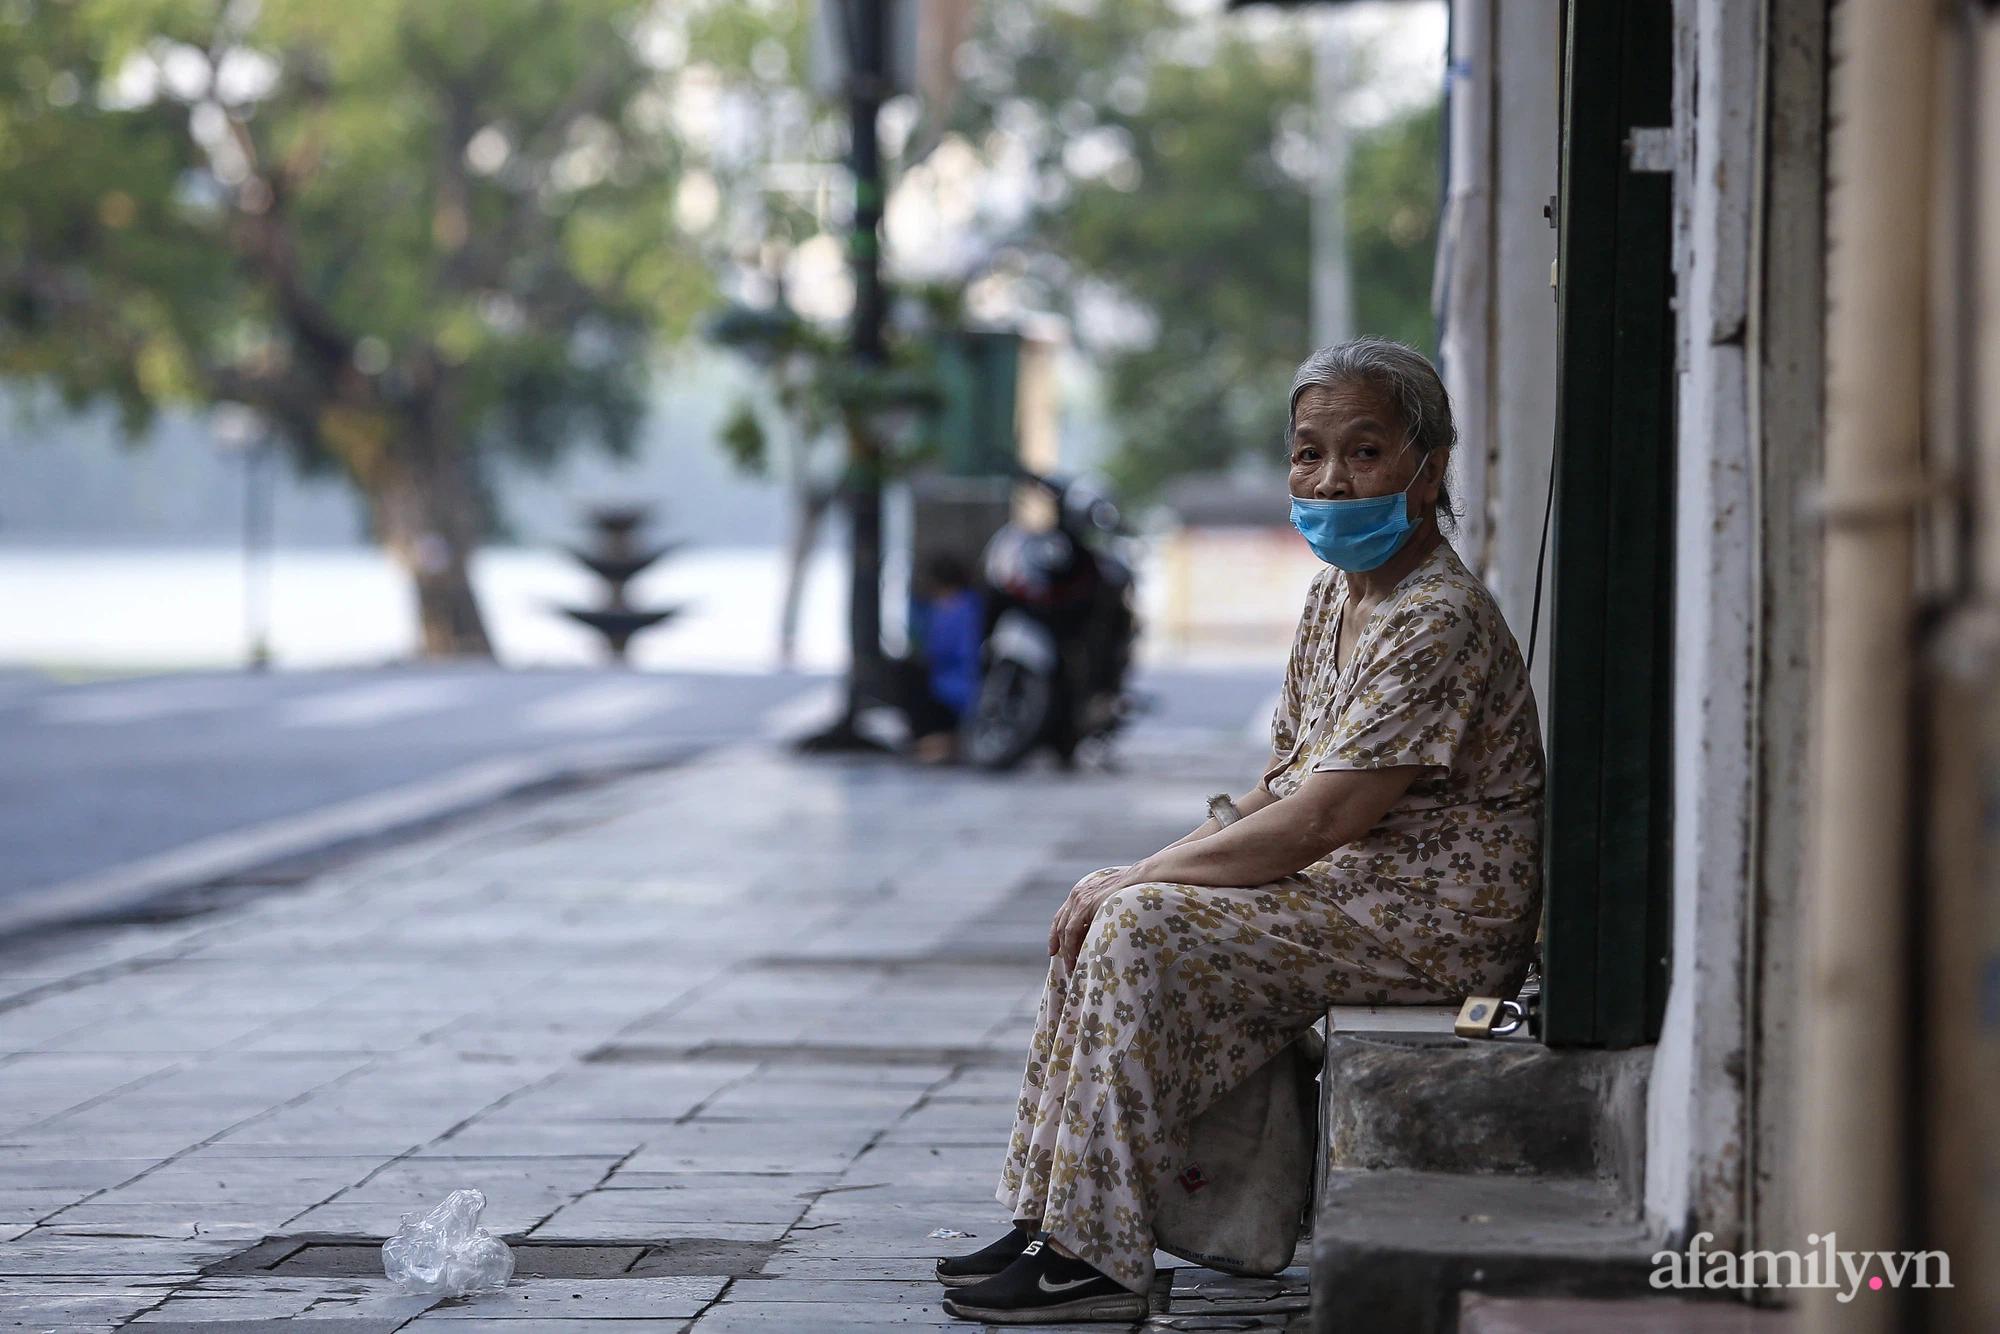 Buổi sáng đầu tiên cách ly toàn xã hội, đường phố Hà Nội vắng vẻ, người dân chỉ tập trung đông tại một số khu chợ để mua đồ ăn uống, sinh hoạt cho những ngày sắp tới - Ảnh 6.